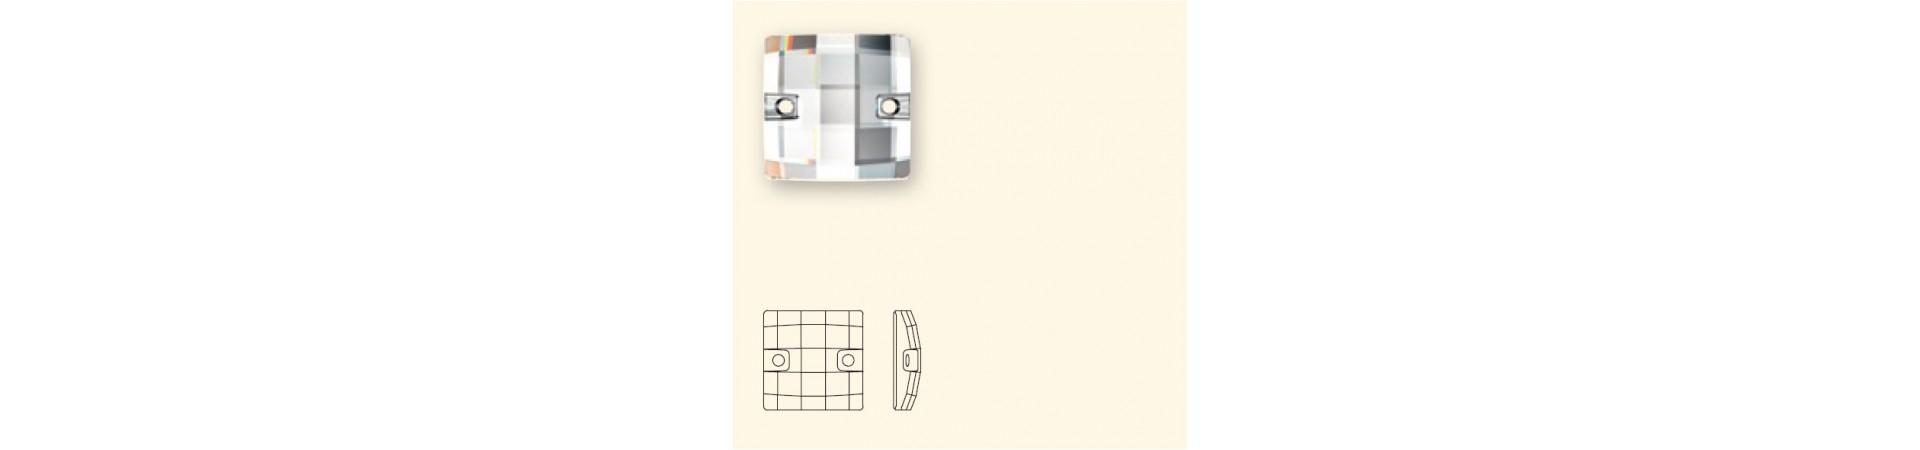 3293 Chessboard (шахматная доска) Пришивные Кристаллы